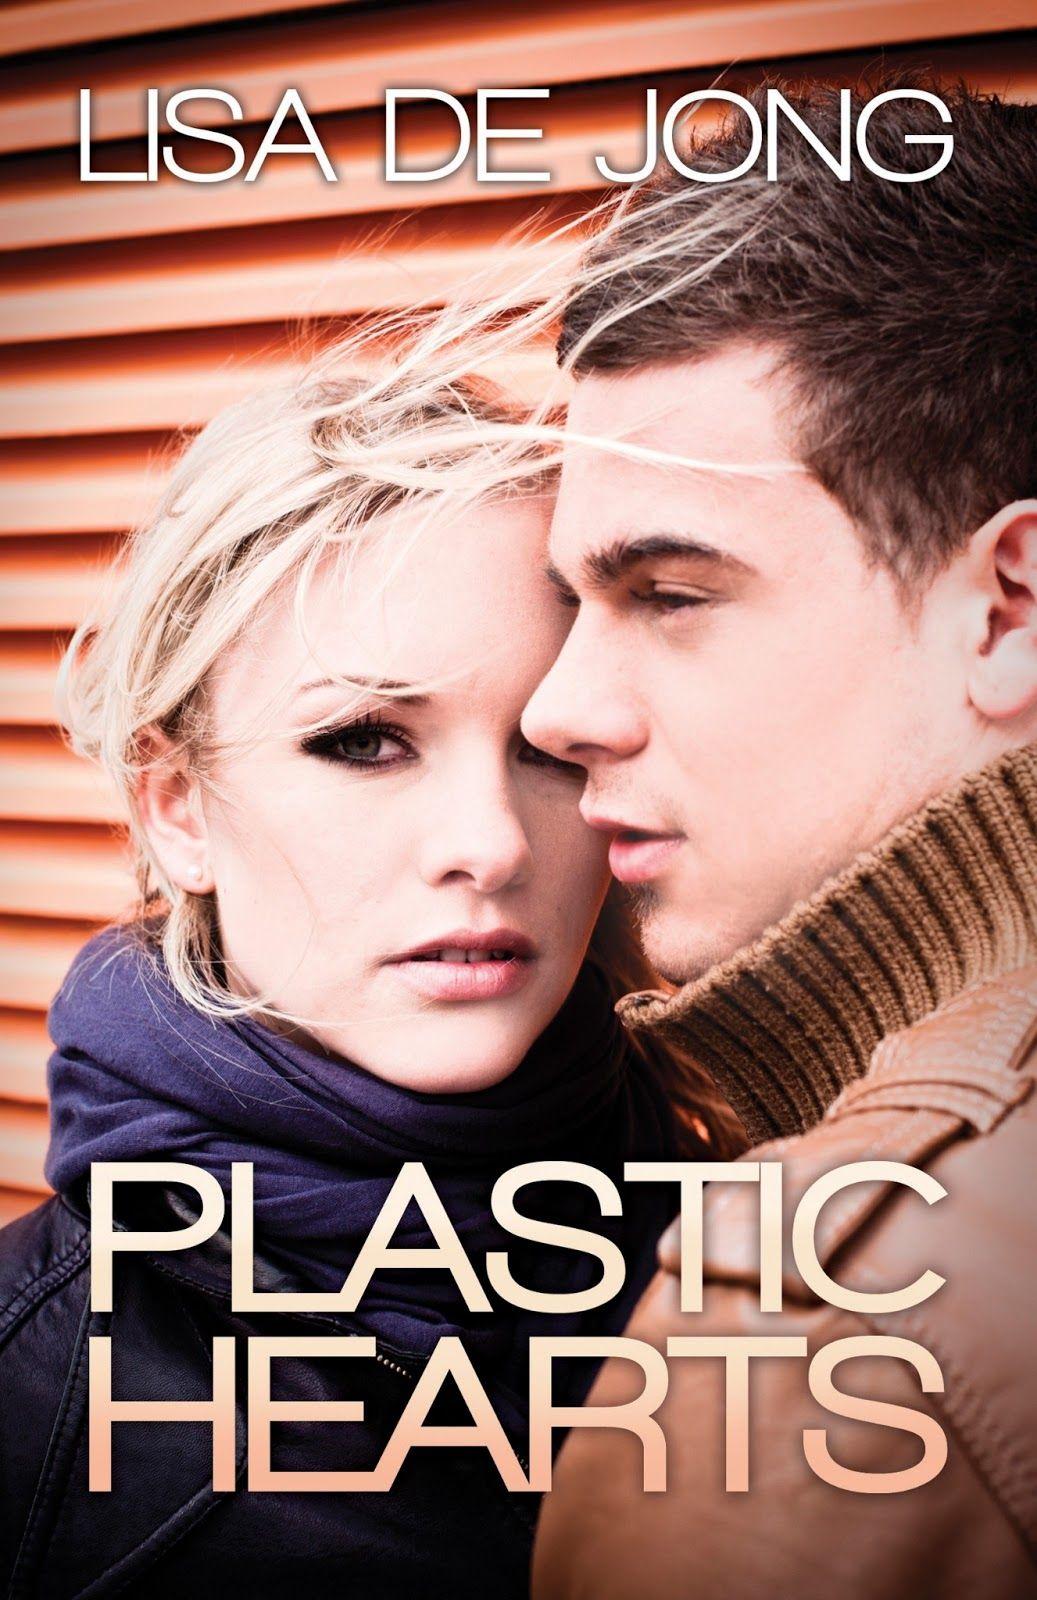 Plastic Hearts (Hearts #1) by Lisa De Jong